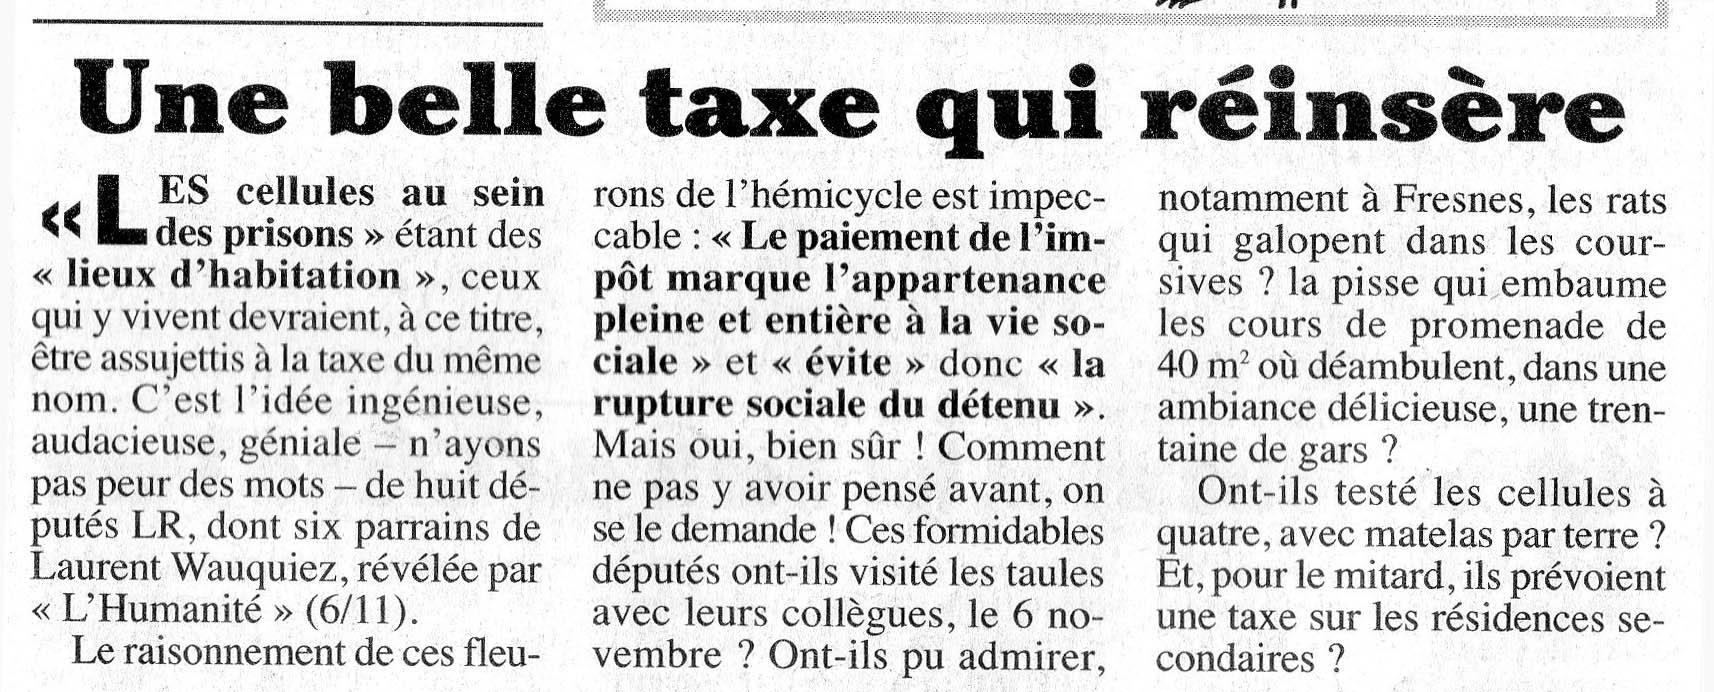 Taxe014.jpg